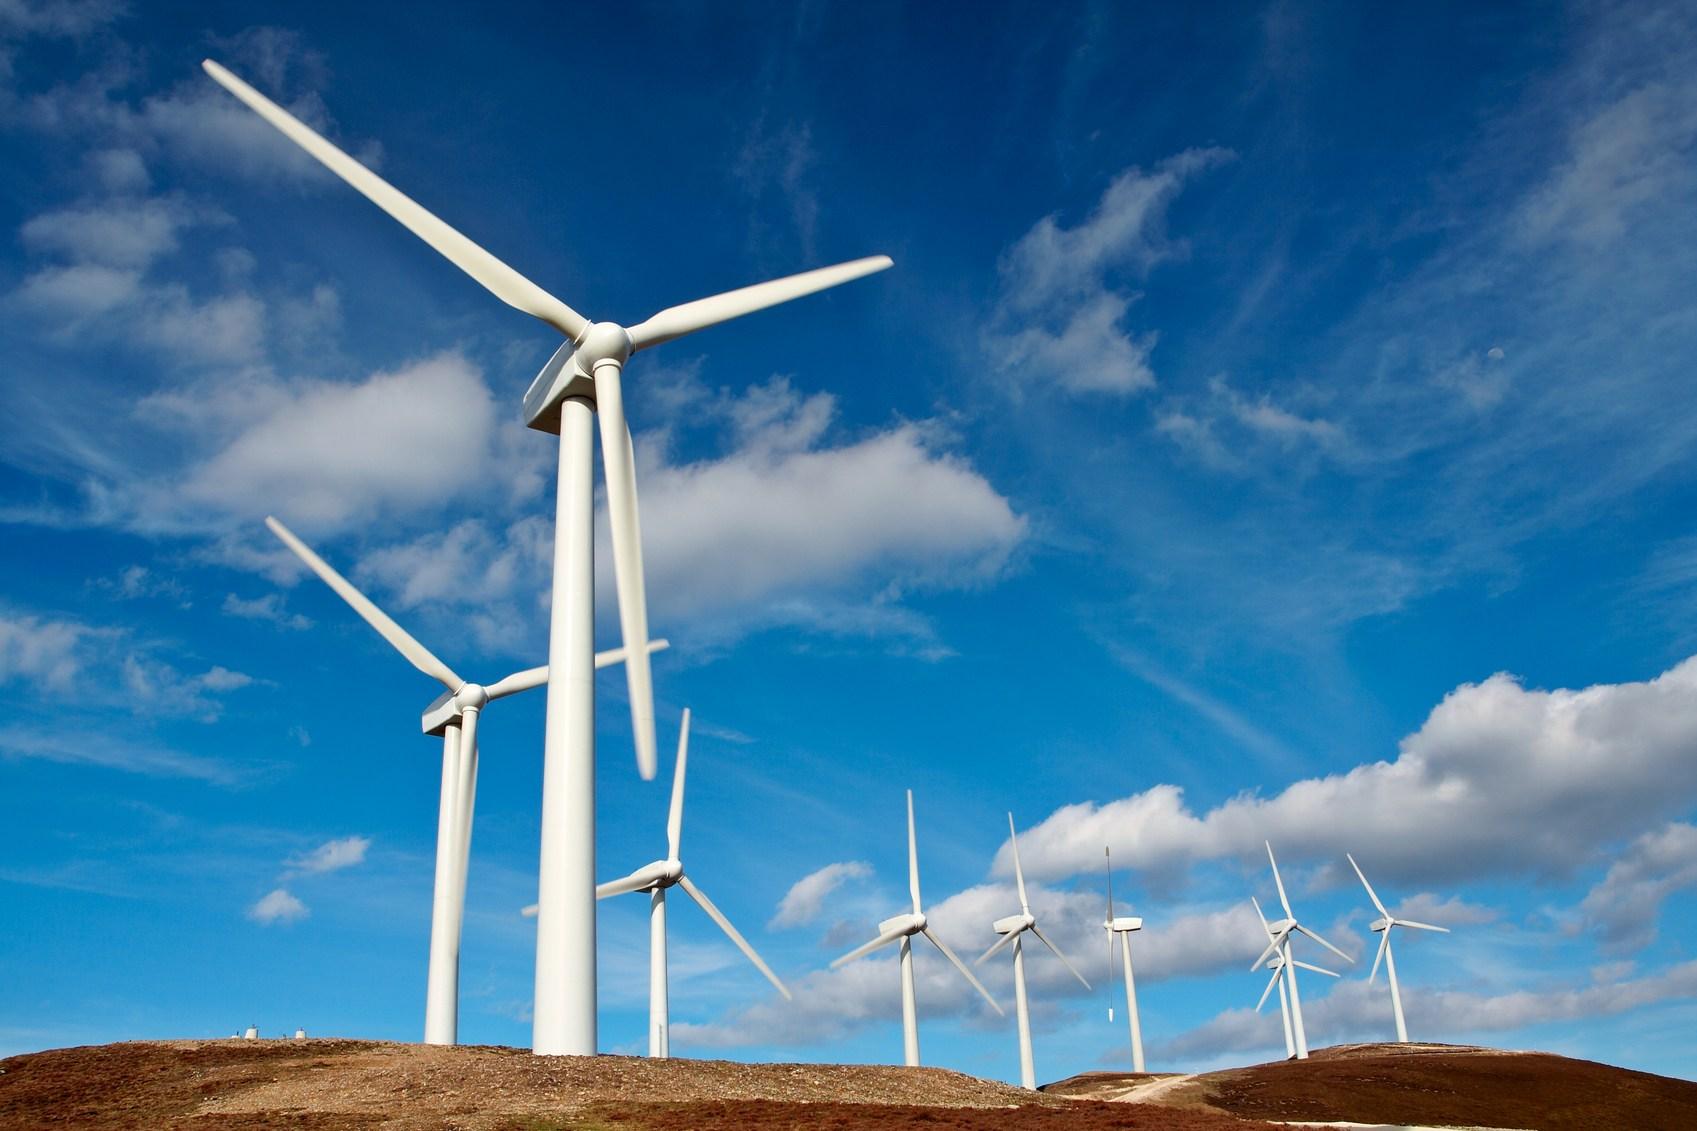 Energia eolica vantaggi e svantaggi: una fonte che fa bene all'ambiente